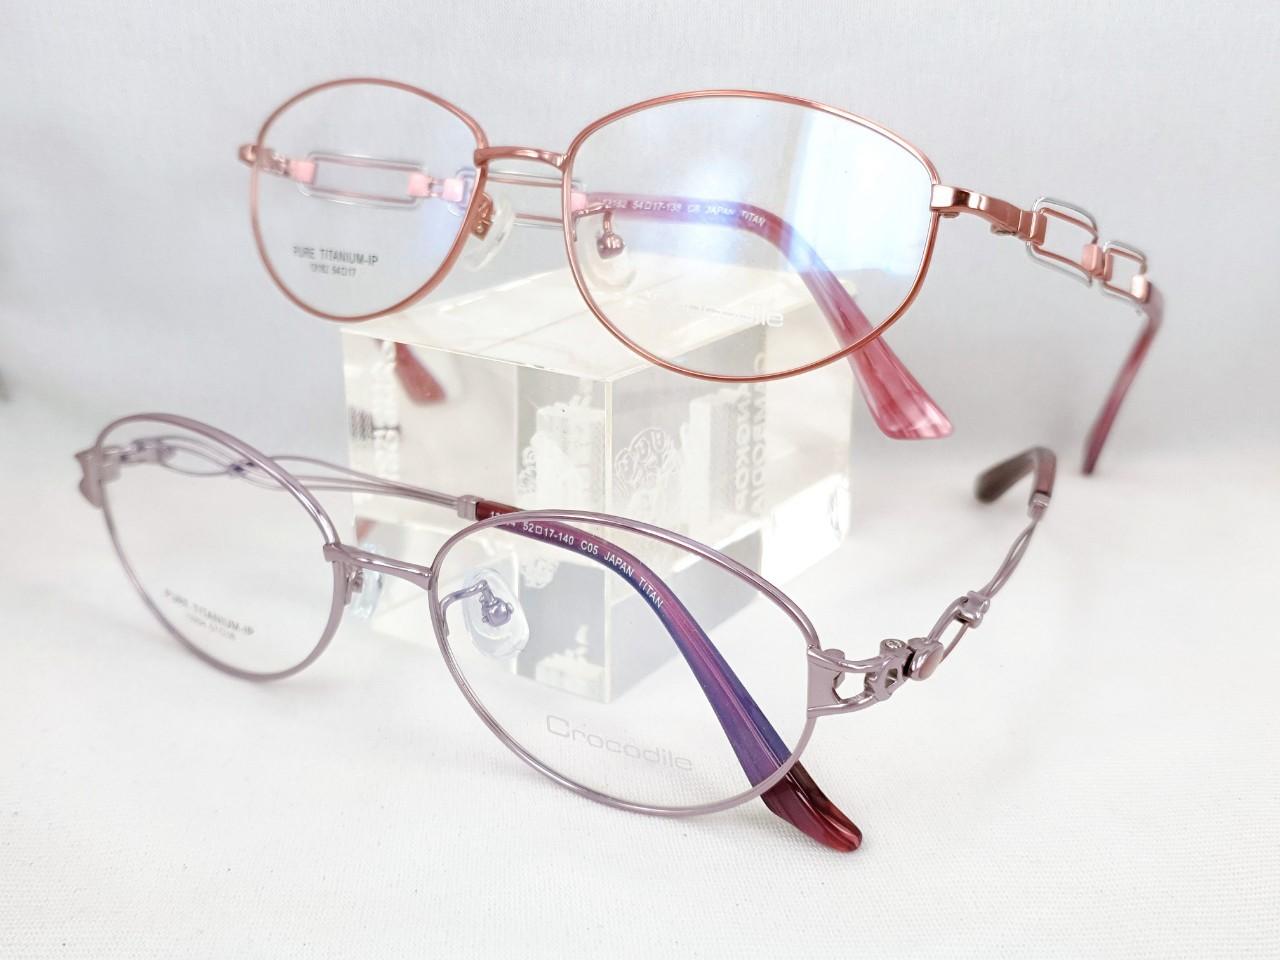 民視眼鏡品牌Crocodile純鈦_200102_0005